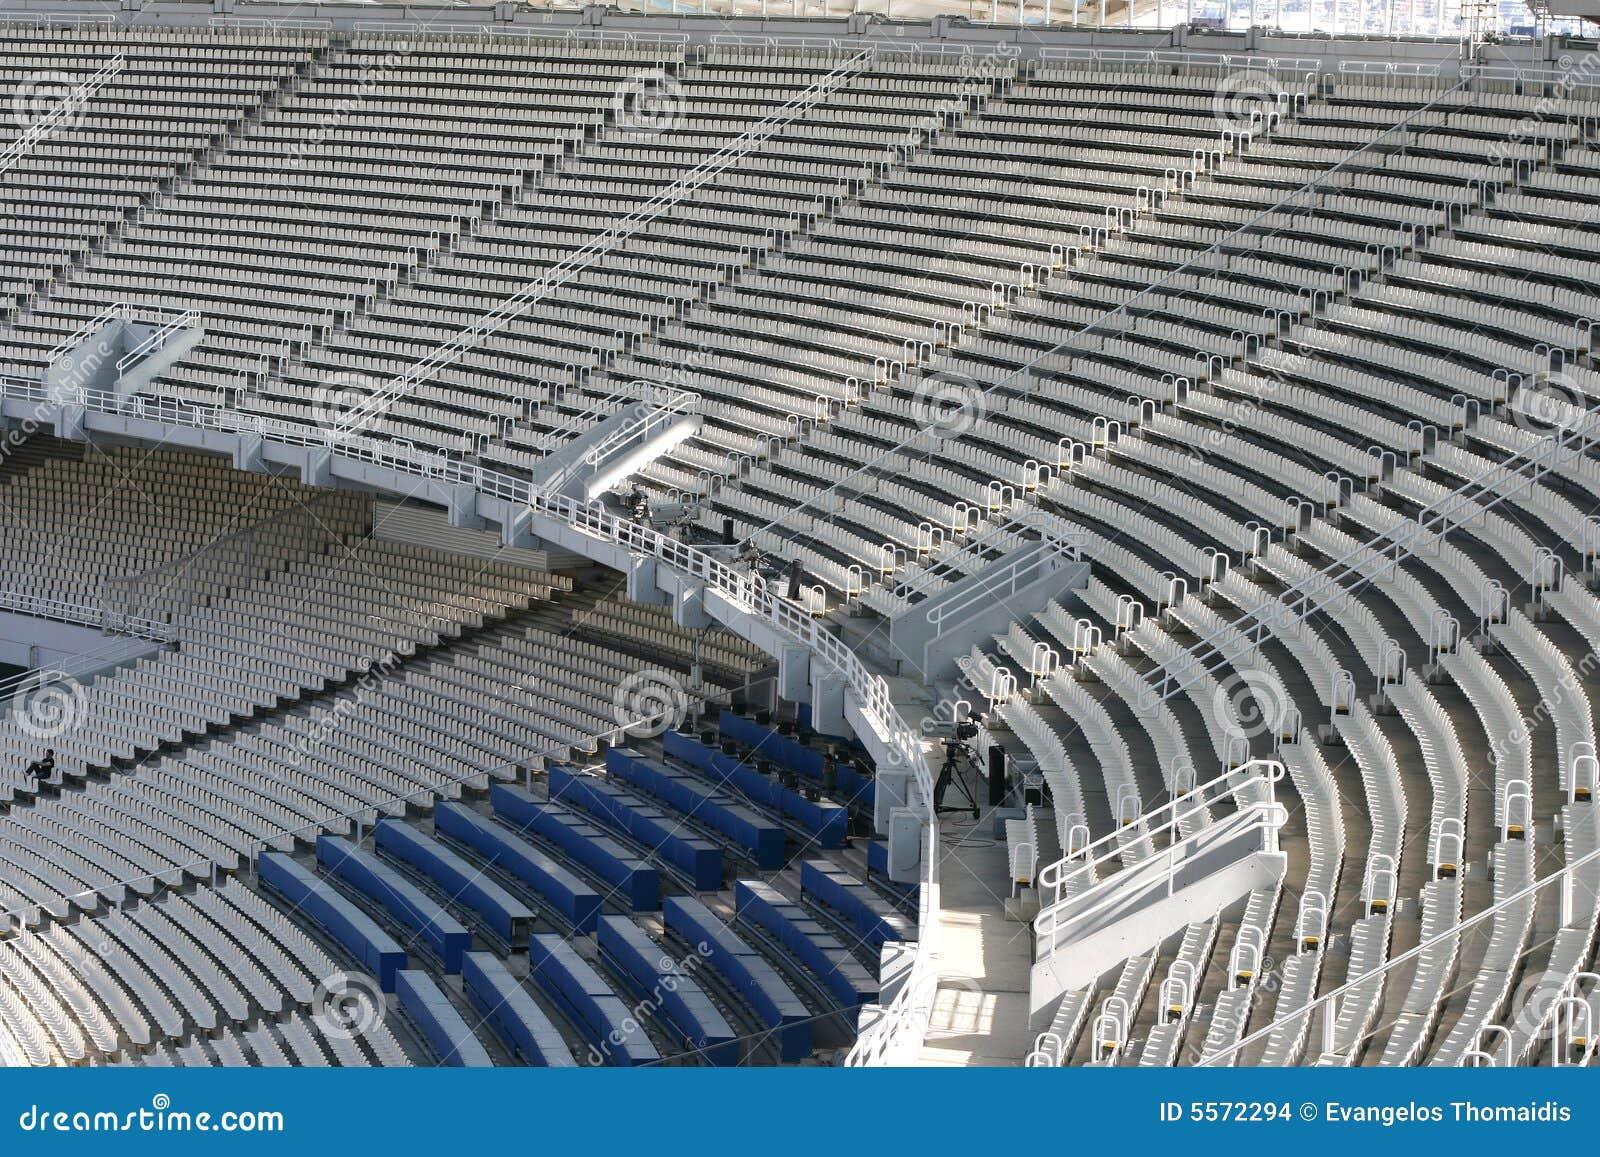 Gradas del estadio imagenes de archivo imagen 5572294 for Imagenes de gradas